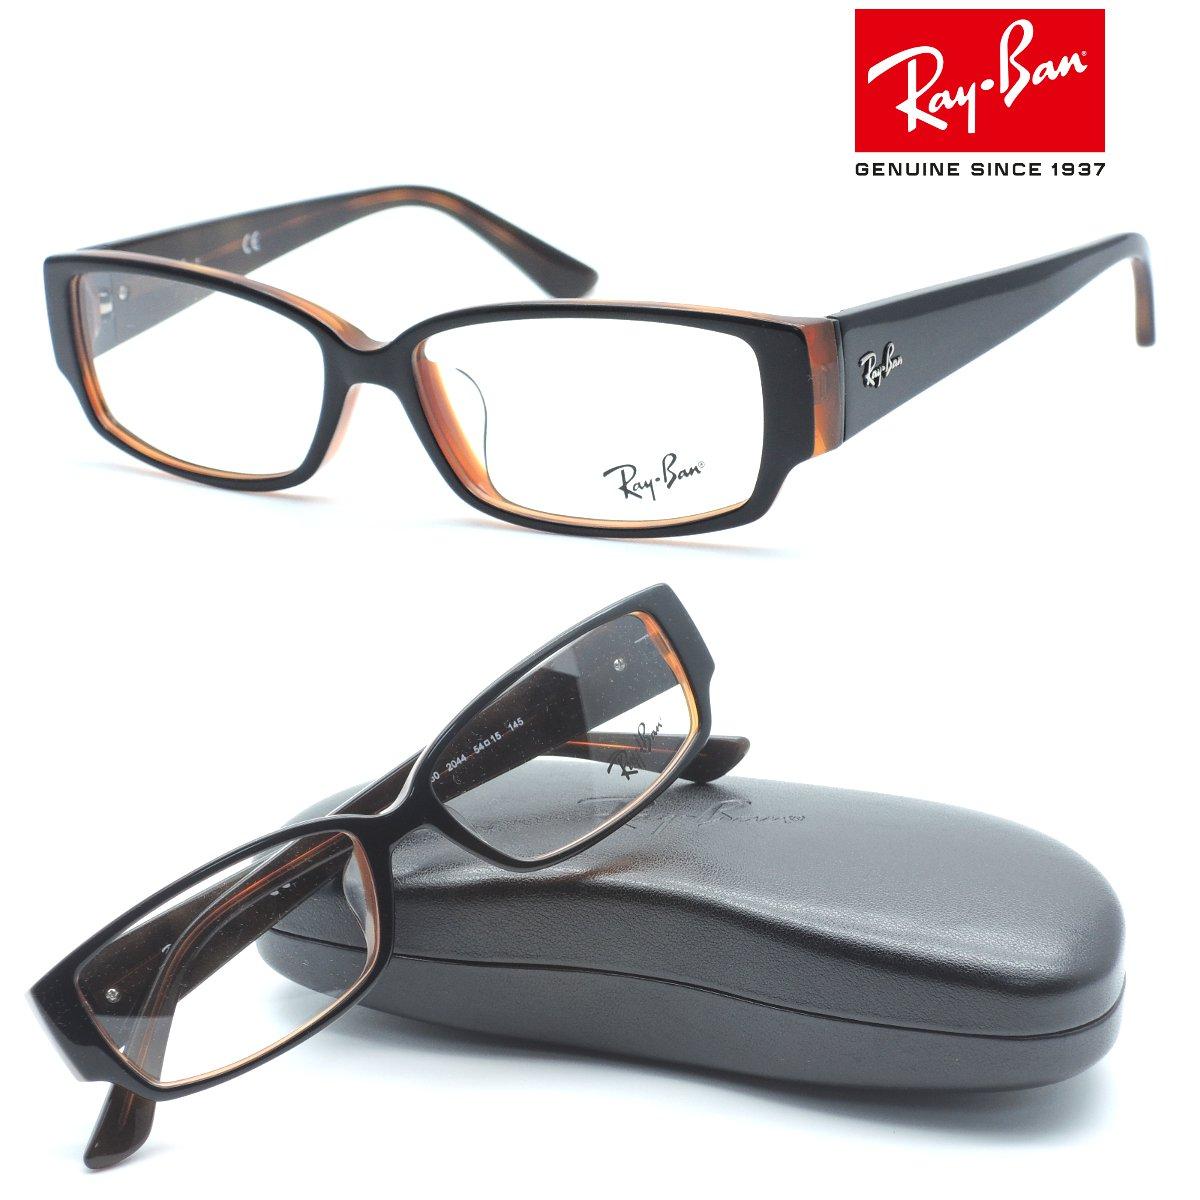 大人気RayBan メガネセットがお得 店頭受取対応商品 Ray Ban レイバン RB5250 ルックスオティカジャパン正規品 2044 超特価 専門店 Ray-Ban 店内全品送料無料 RX5250 メガネ